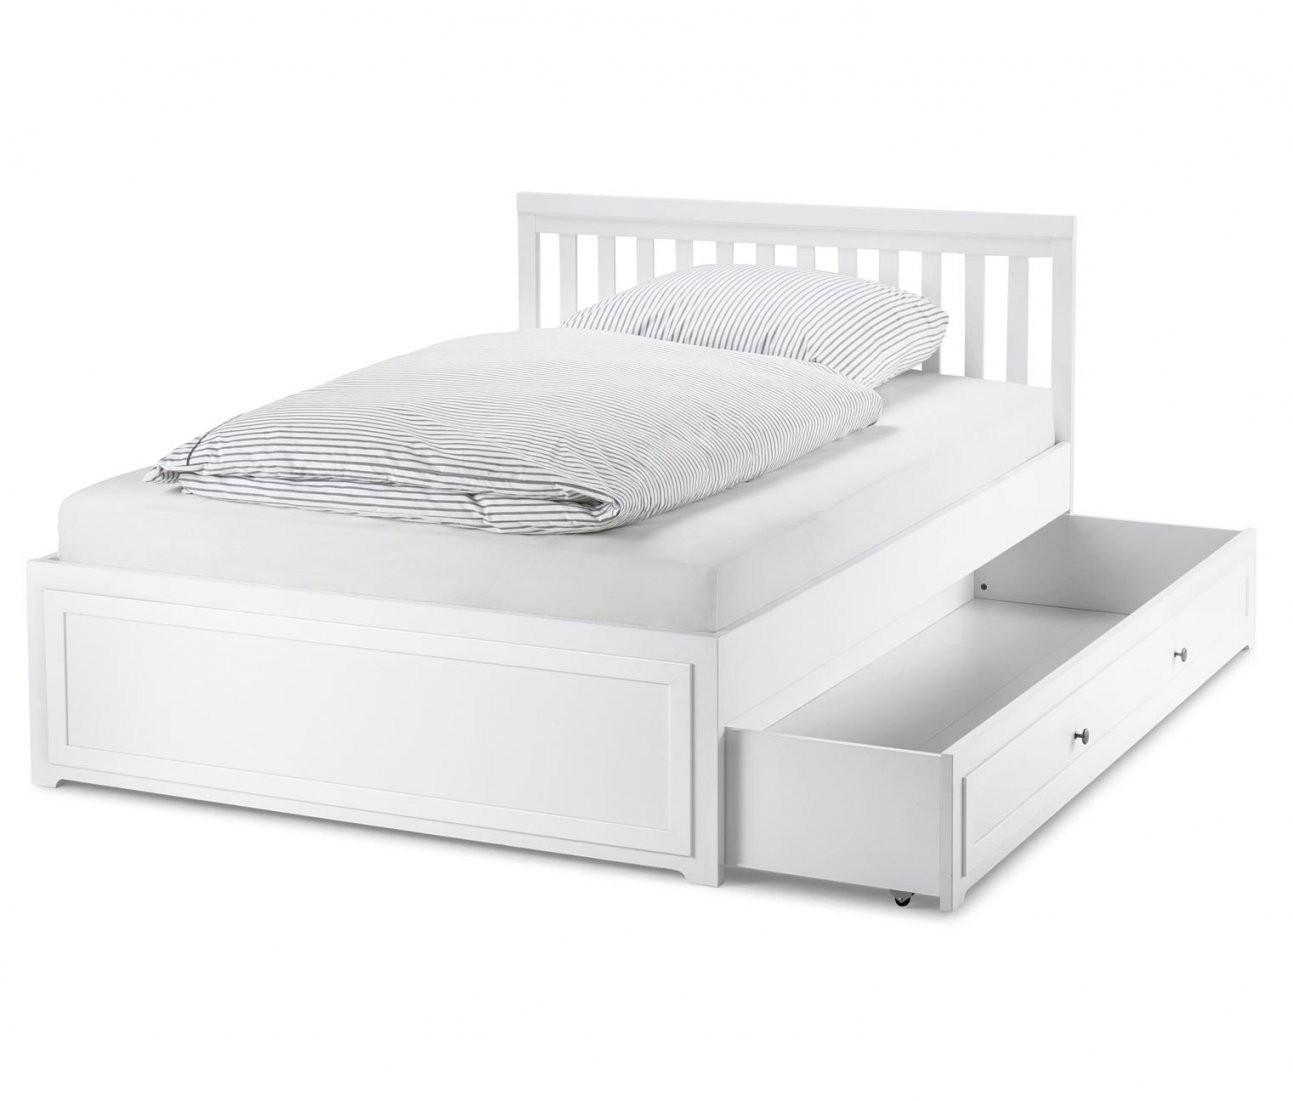 Sprossenbett Mit Stauraumschublade Ca 140 X 200 Cm Online von Bett 140X200 Mit Stauraum Bild